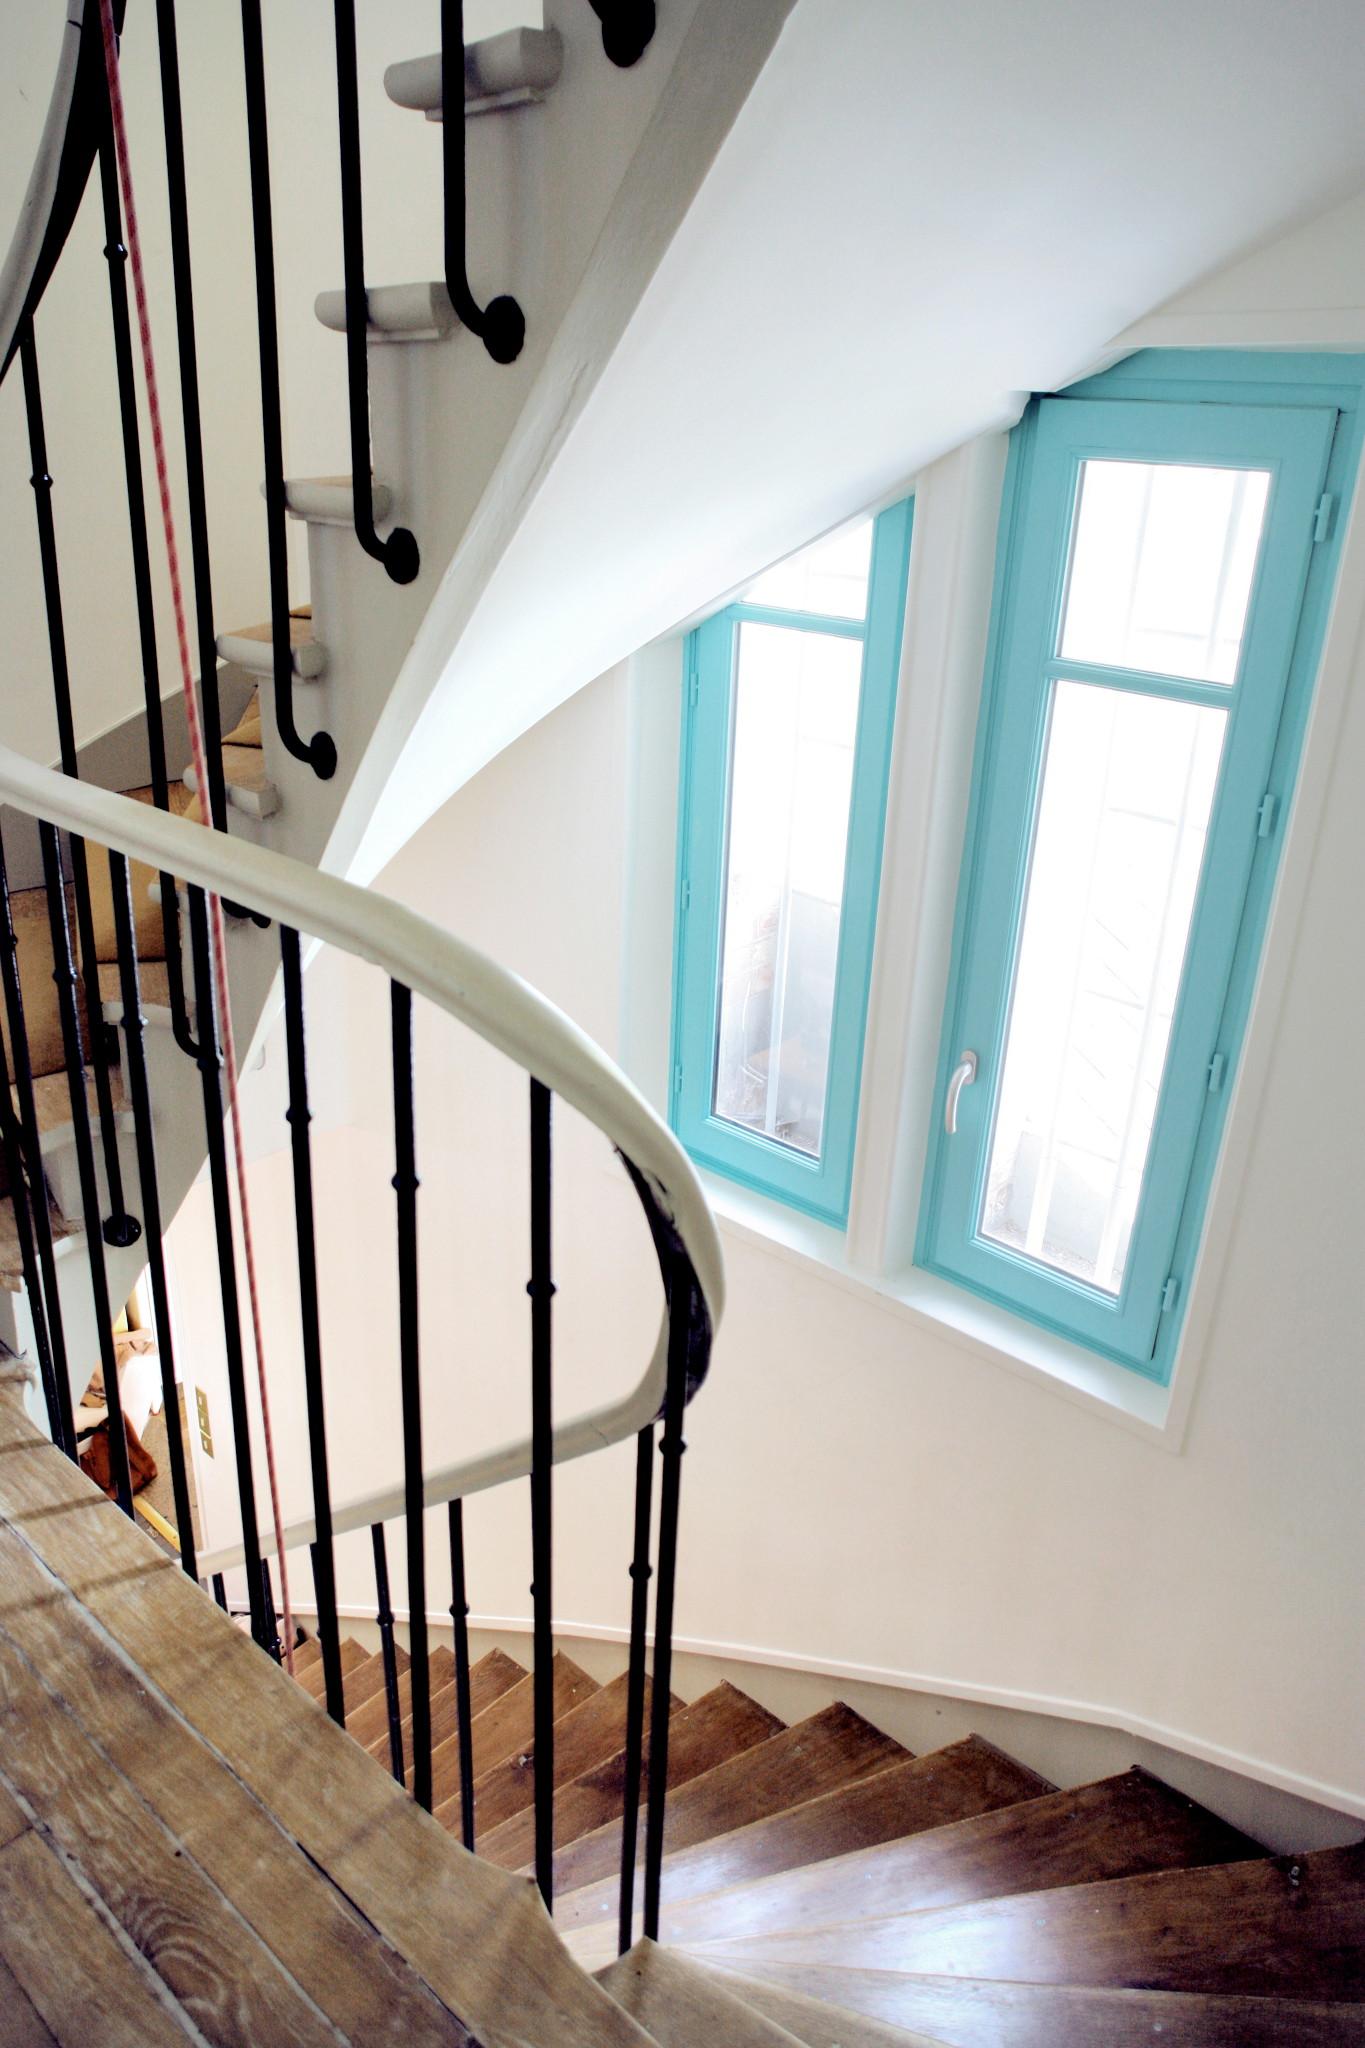 Nonjetable-Escalier-et-Fenêtre-Rénovés